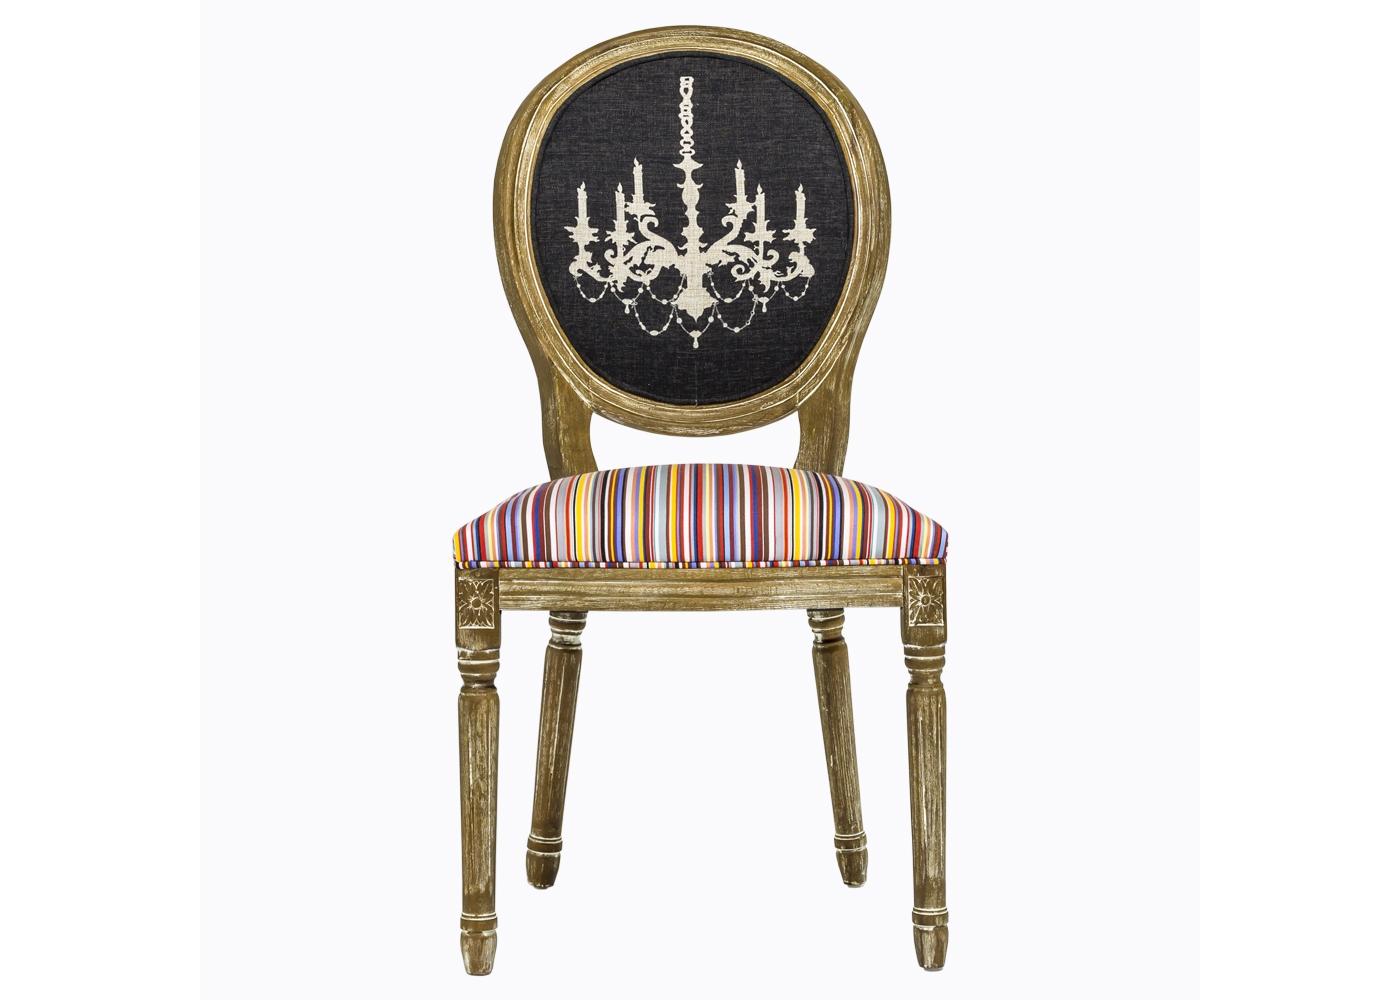 """Стул «Канделябр Страйп»Обеденные стулья<br>Мягкие, удобные и,  безусловно,  роскошные стулья &amp;quot;Канделябр Страйп&amp;quot; - яркий европейский экземпляр, который сформирует изысканное убранство Вашего дома с акцентом на блеск и благородство.<br>Дизайн стула «Канделябр Страйп&amp;quot; предназначен тем, кто видит стулья не бытовым предметом, а парадным интерьерным украшением, способным задать пространству стиль и достоинство. Обивка стула изготовлена из """"Тканей Солнца"""" французского дома Les Toiles du Soleil, - мирового лидера производства интерьерных тканей. Искусное патинирование - не только дань винтажной моде, но и справедливый намек на исключительную долговечность мебели из натурального дуба.<br>Мягкость, комфортабельность и долговечность сидения обеспечены внутренней подвеской из эластичных ремней.&amp;lt;div&amp;gt;&amp;lt;br&amp;gt;&amp;lt;/div&amp;gt;&amp;lt;div&amp;gt;Вес стула 7 кг<br>&amp;lt;/div&amp;gt;<br><br>Material: Дерево<br>Width см: 50<br>Depth см: 58<br>Height см: 99"""